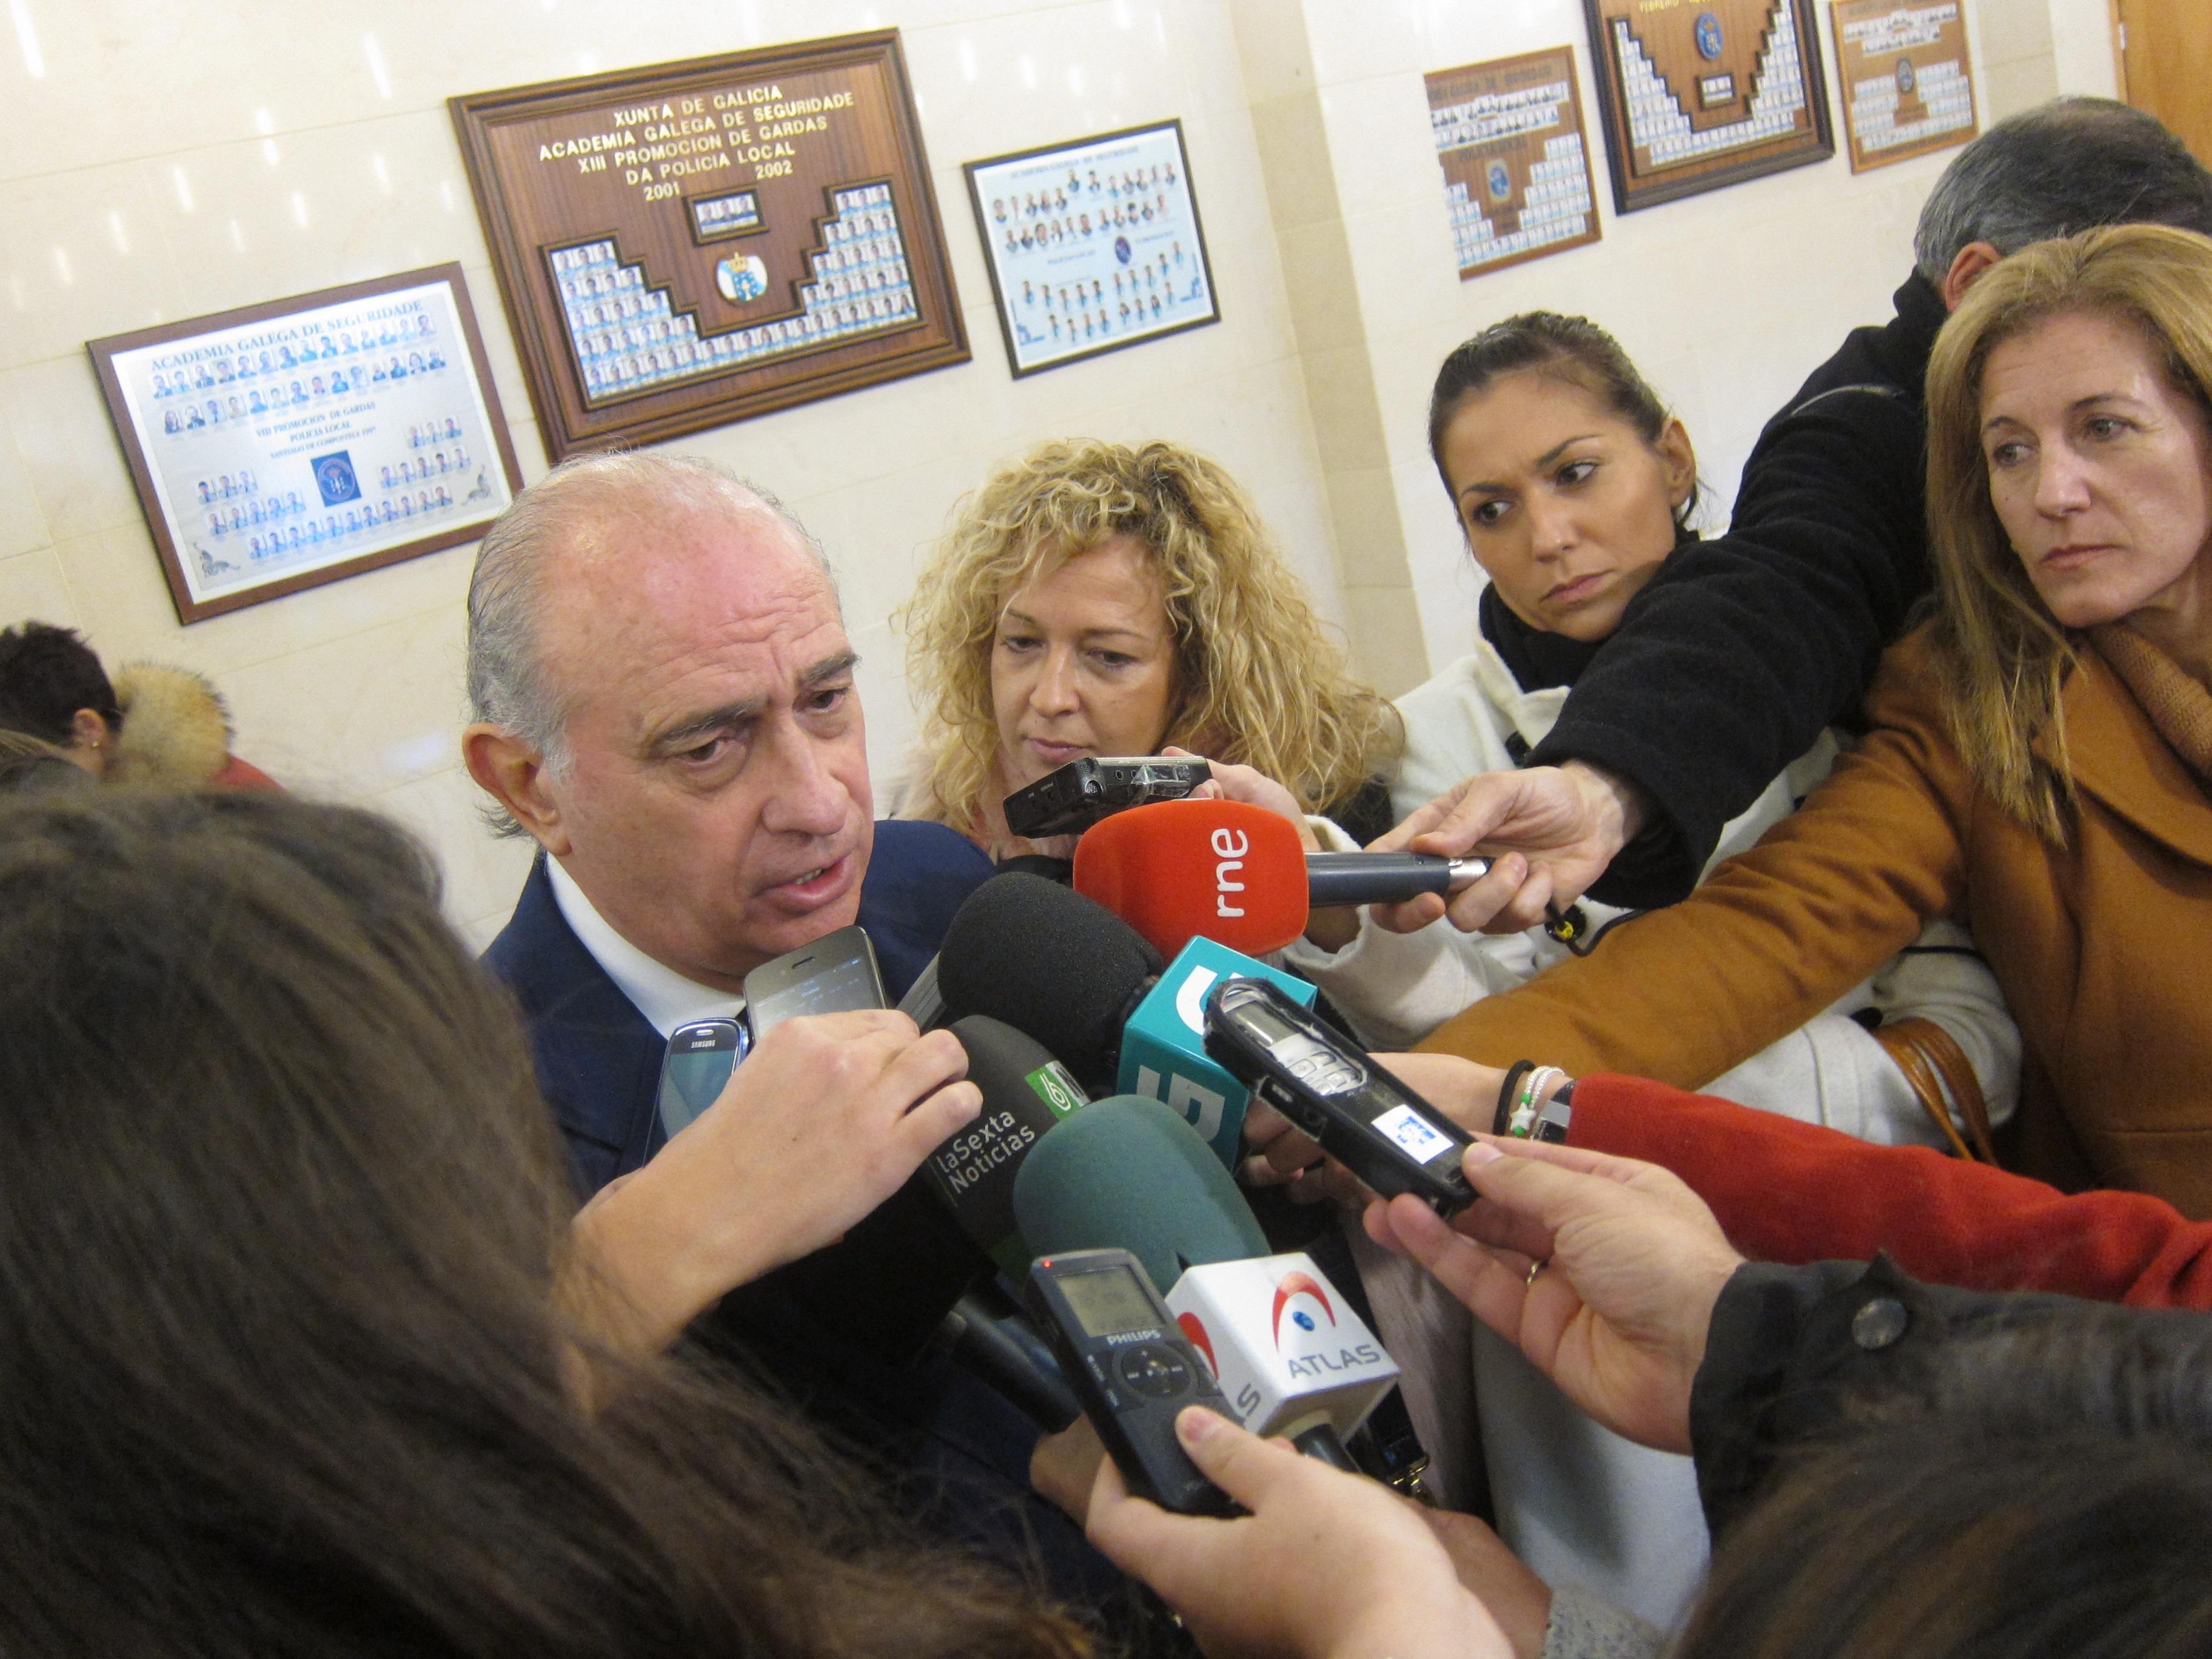 El ministro del Interior asegura que el requerimiento del juez Ruz será «cumplimentado de inmediato»